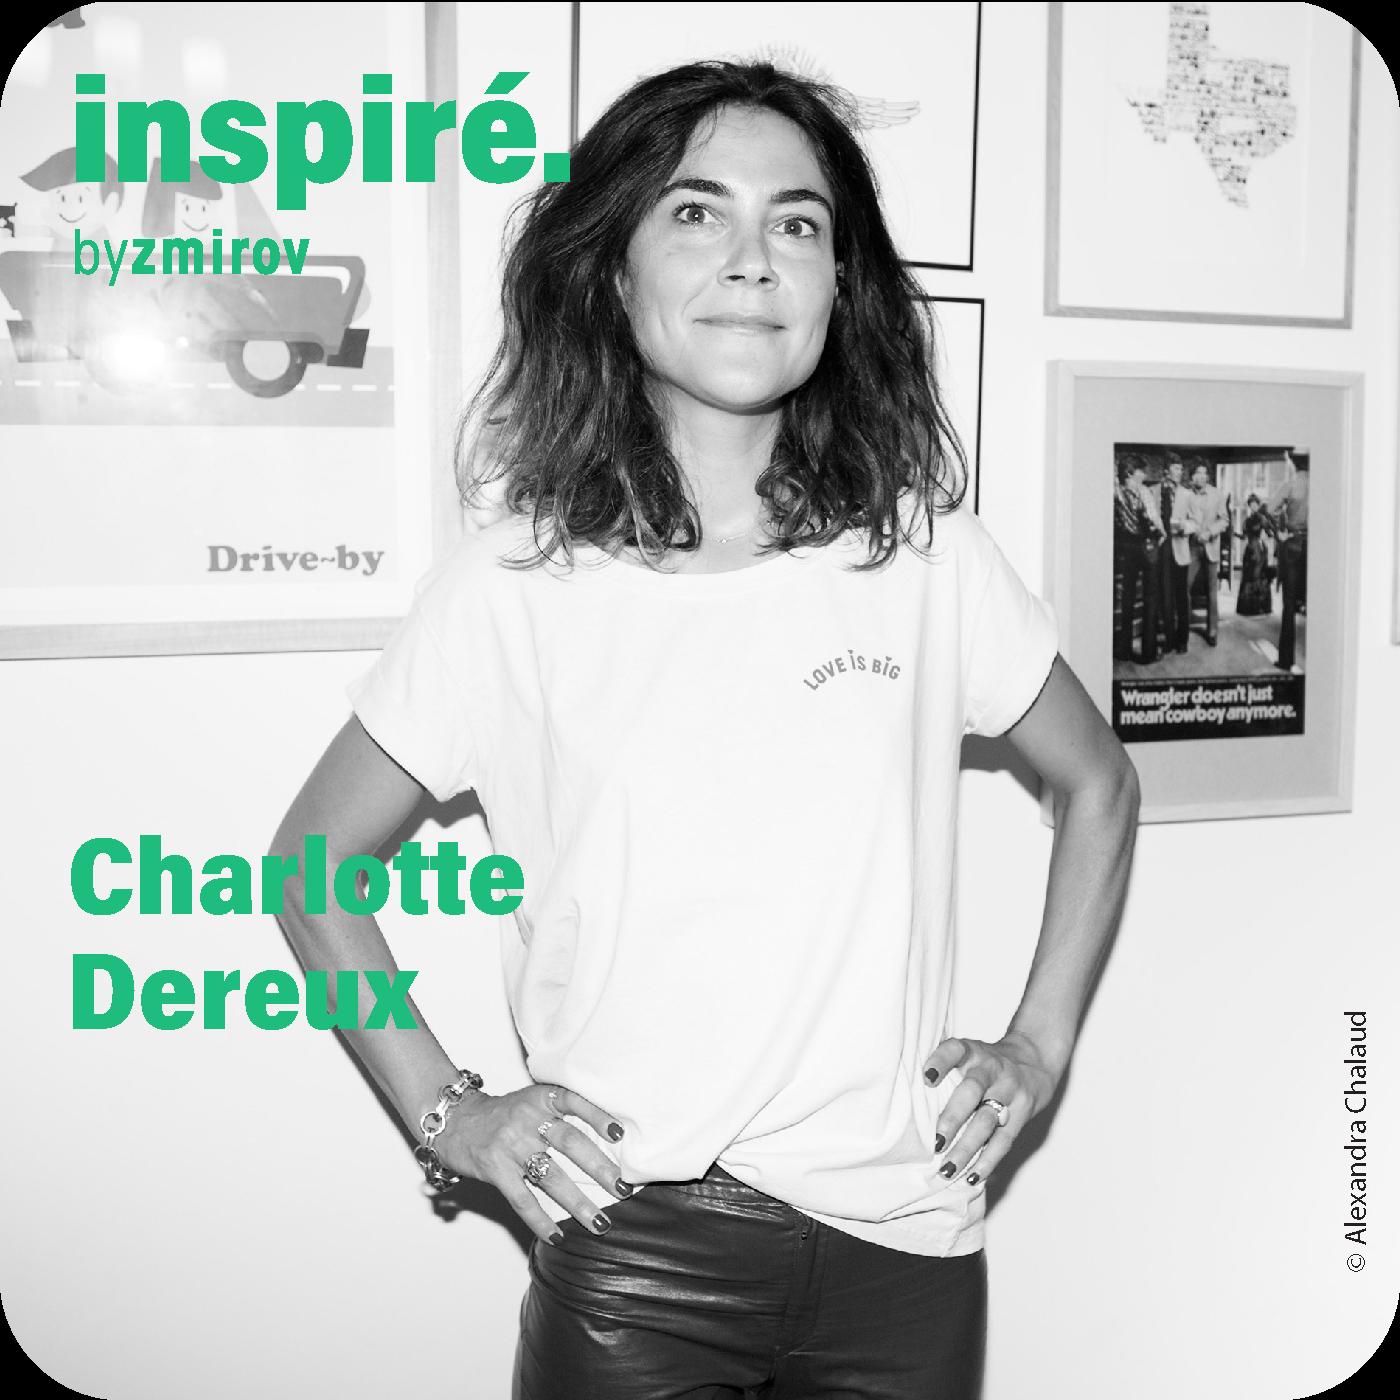 Charlotte Dereux